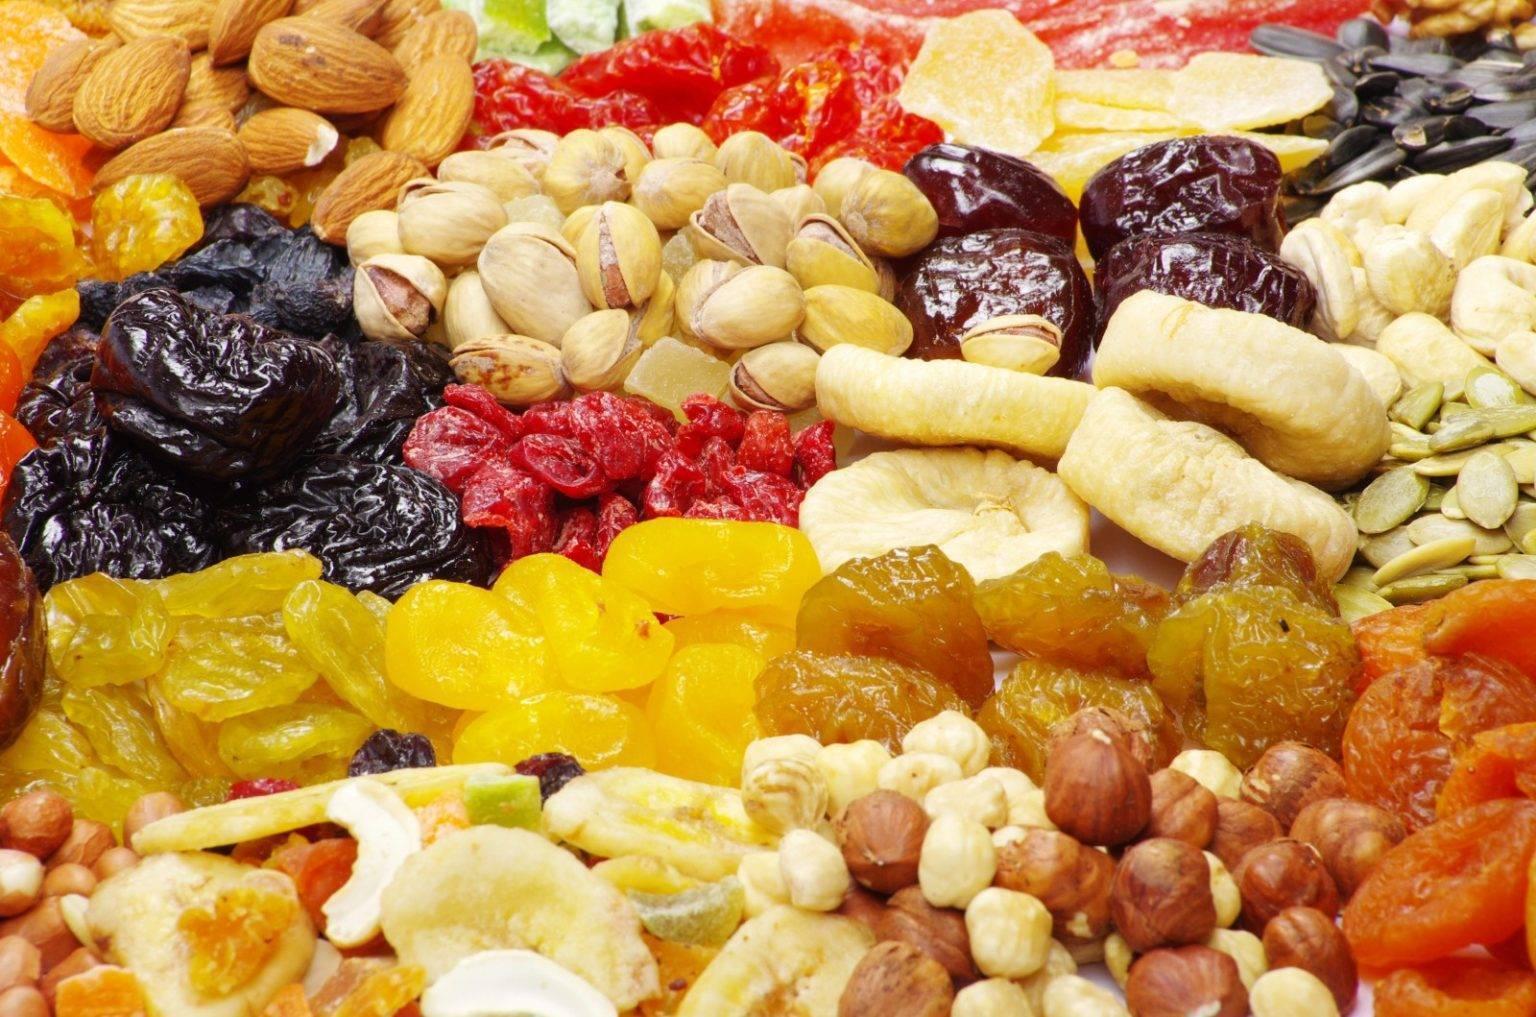 курага холестерин